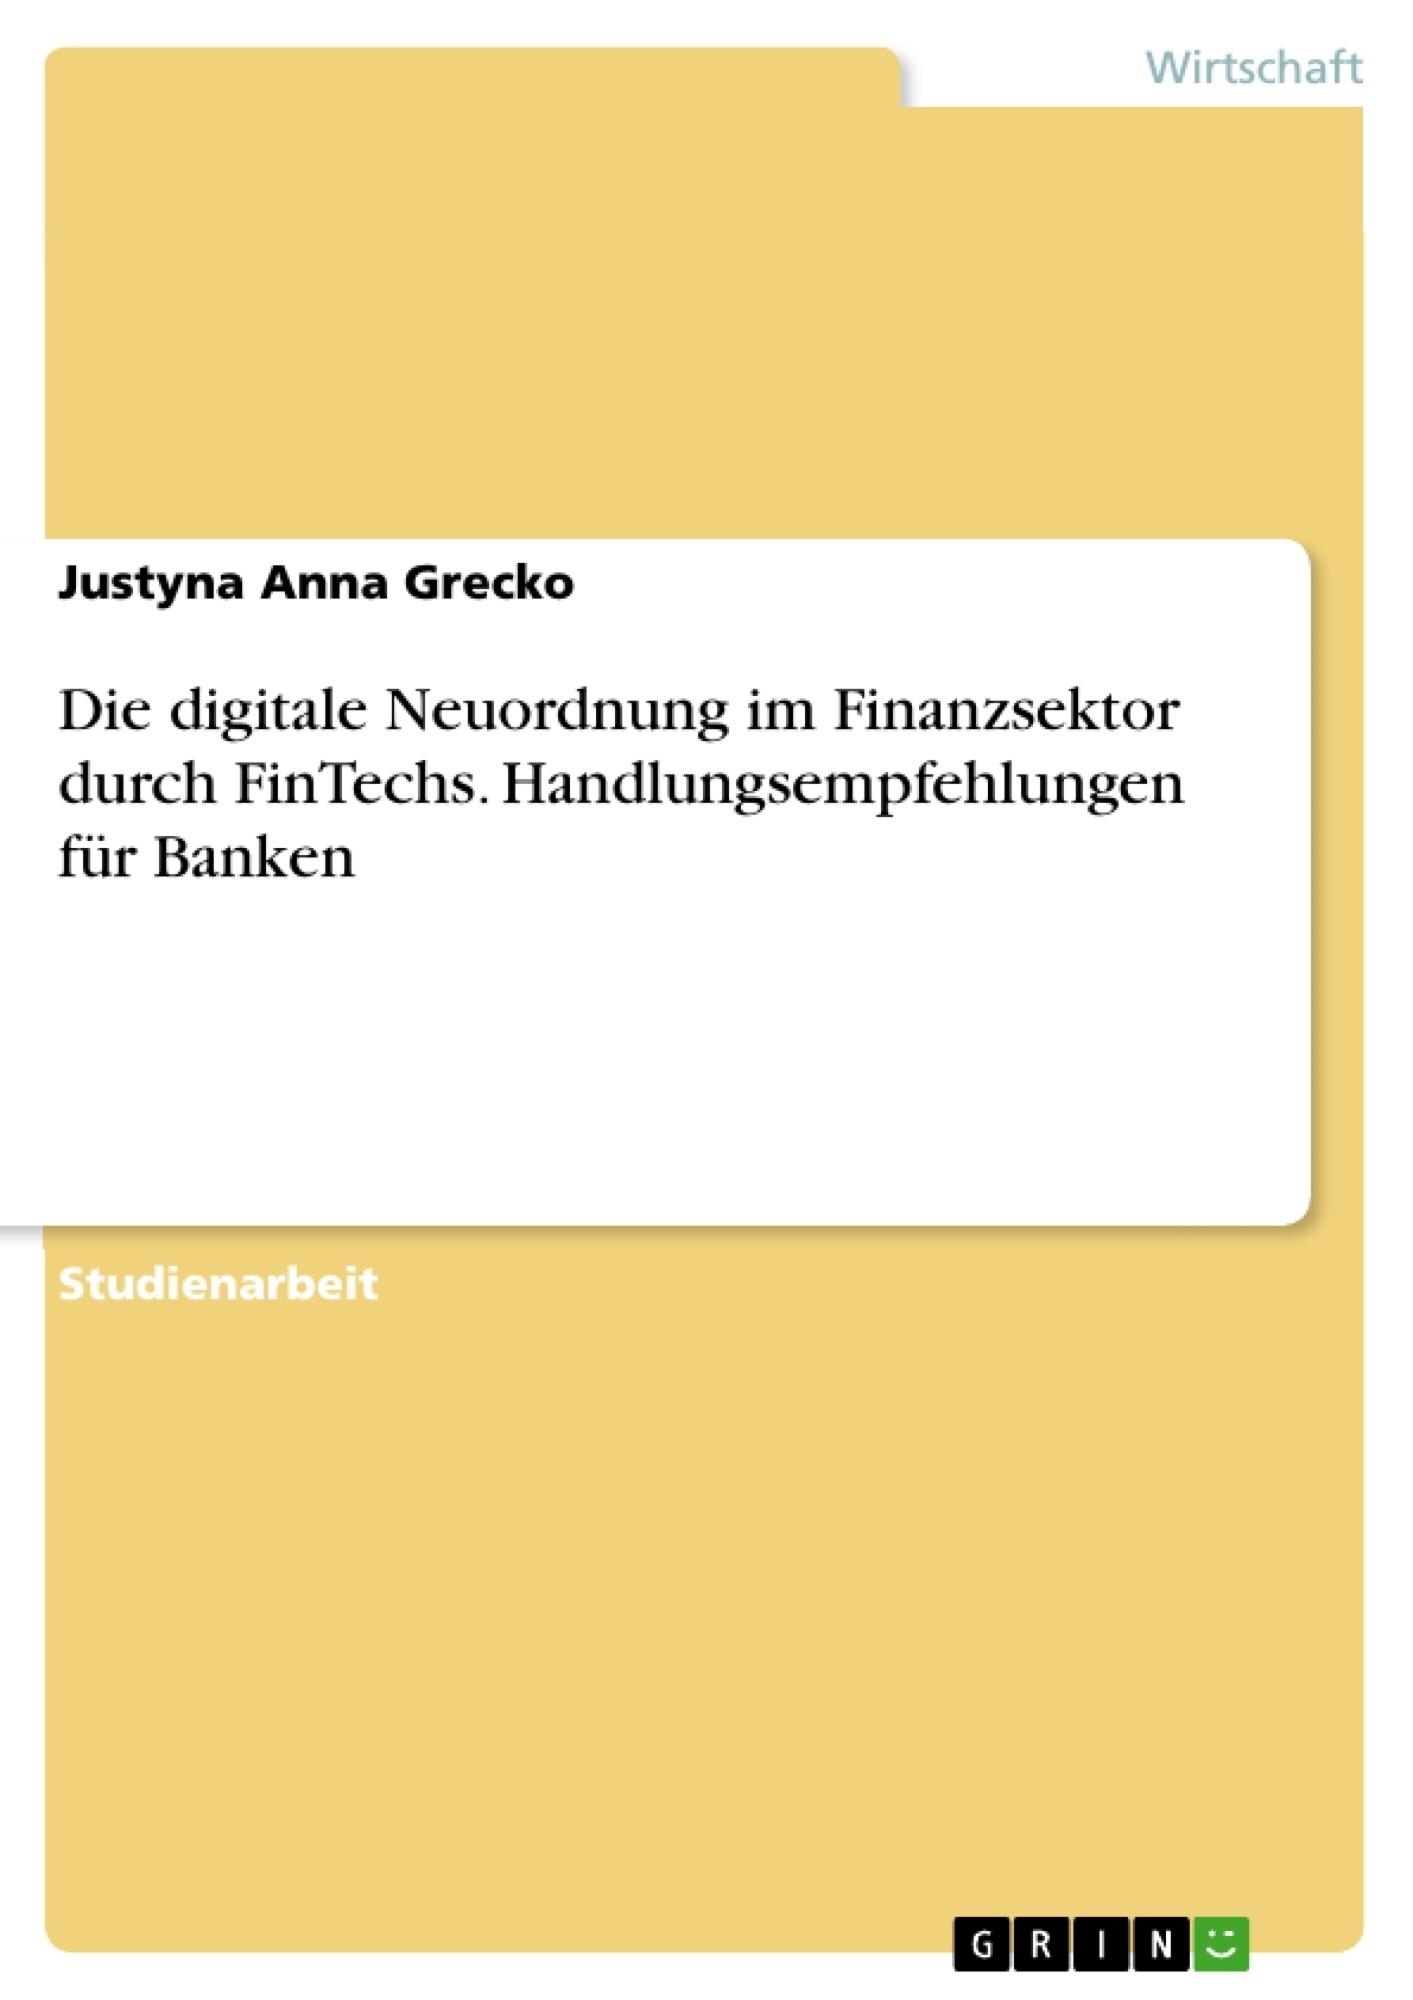 Titel: Die digitale Neuordnung im Finanzsektor durch FinTechs. Handlungsempfehlungen für Banken